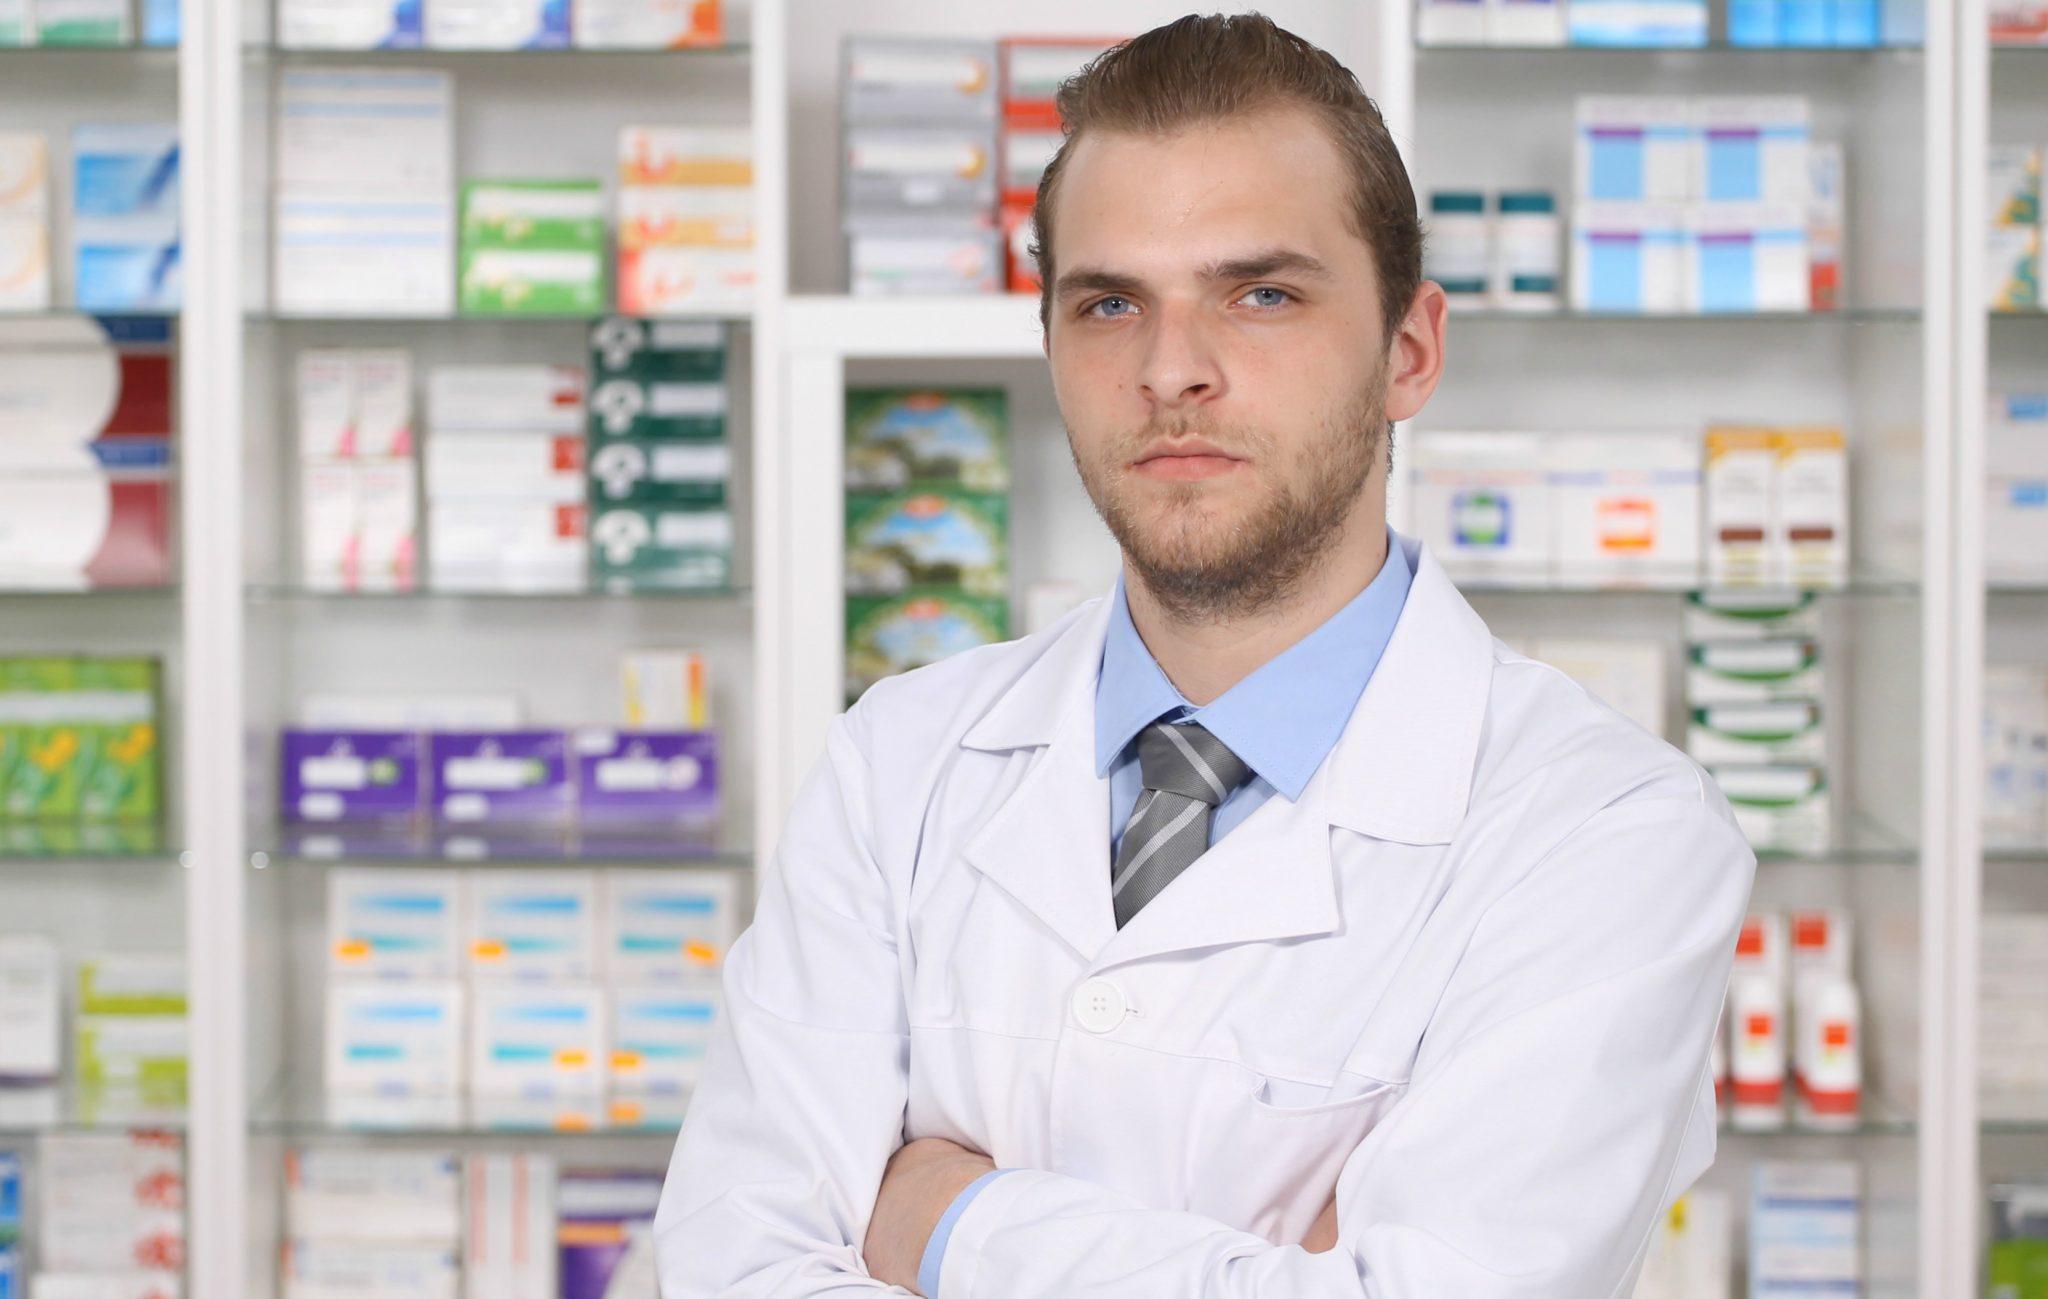 CFF reitera poder de farmacêuticos sobre tratamentos com cloroquina